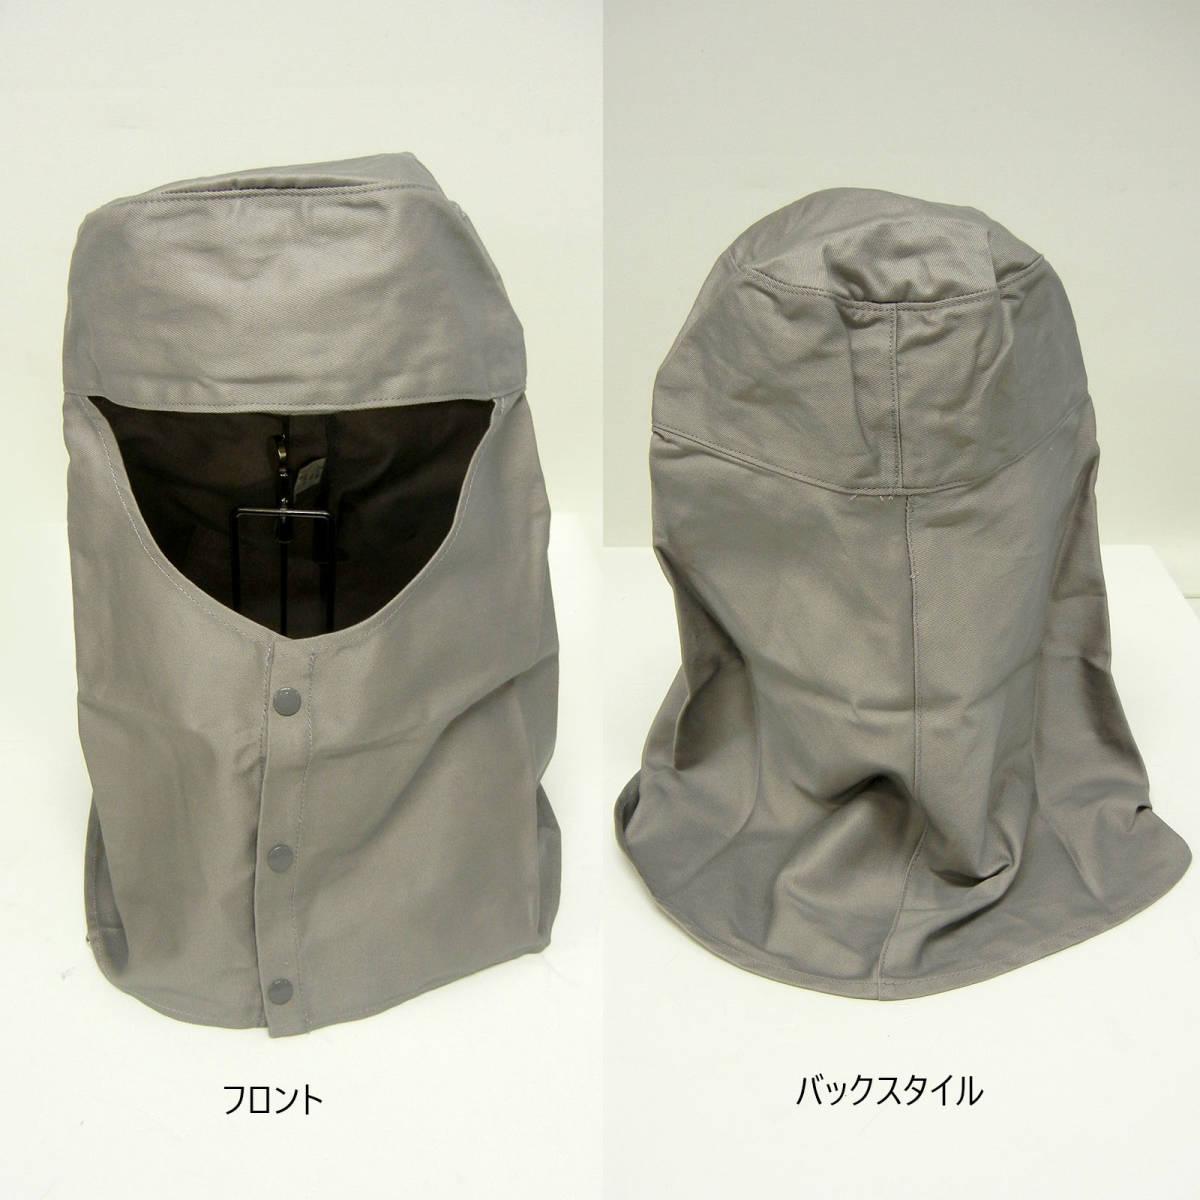 ☆【ガーデニング】アウトドア 目出し帽 M・LLサイズまとめて 10着セット☆_画像2